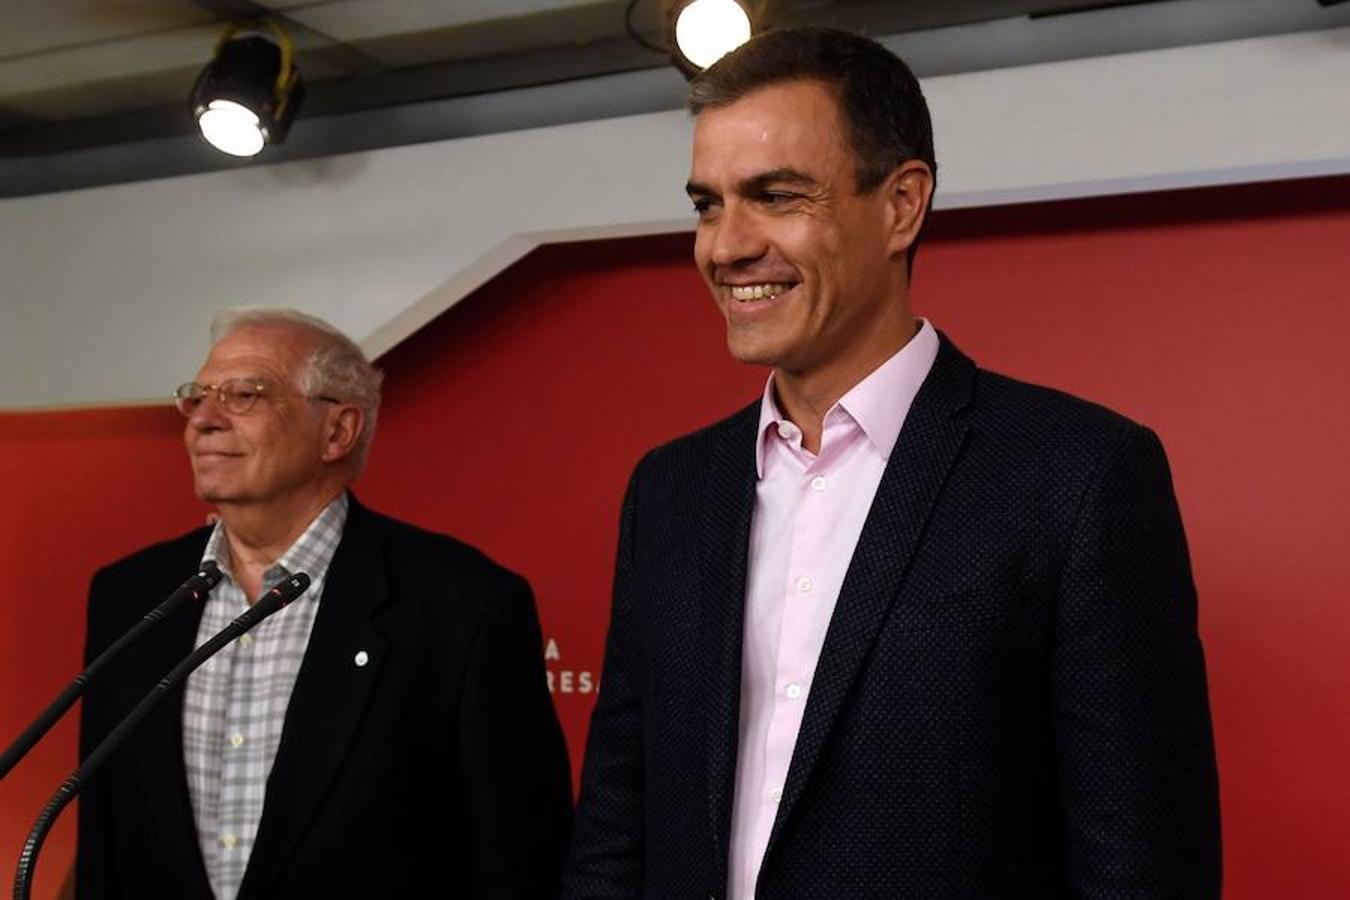 El PSOE ha sido el ganador de las elecciones europeas con un respaldo del 32,94% y 20 diputados, seguido por el PP con el 20,09% y 12 escaños